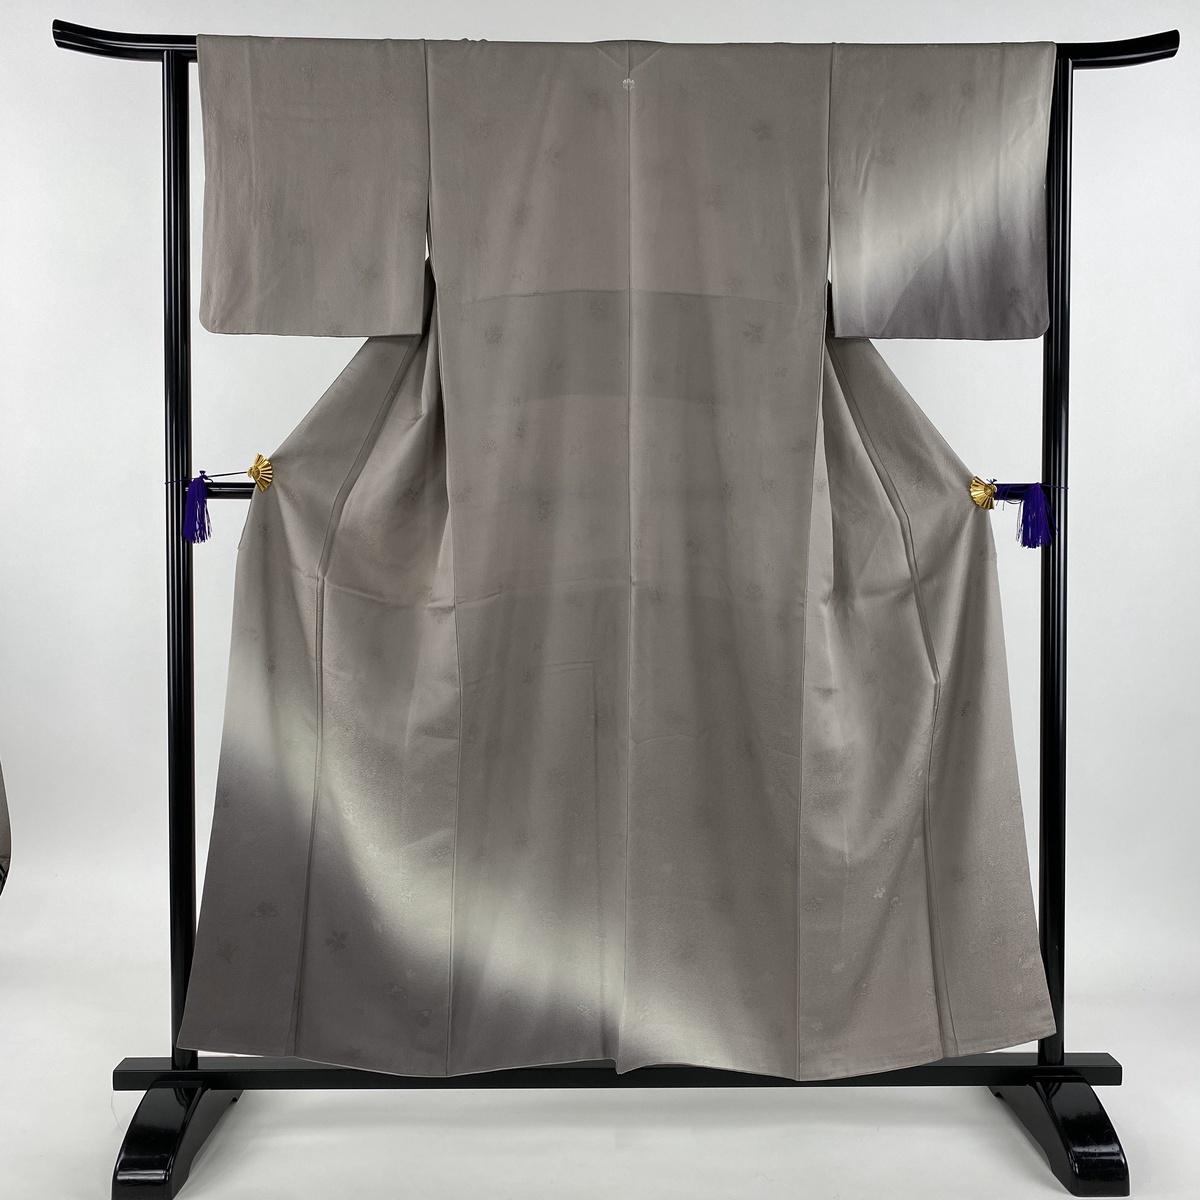 付下げ 美品 秀品 一つ紋 地紋 染め分け ぼかし 灰紫 袷 身丈157cm 裄丈63cm S 正絹 【中古】